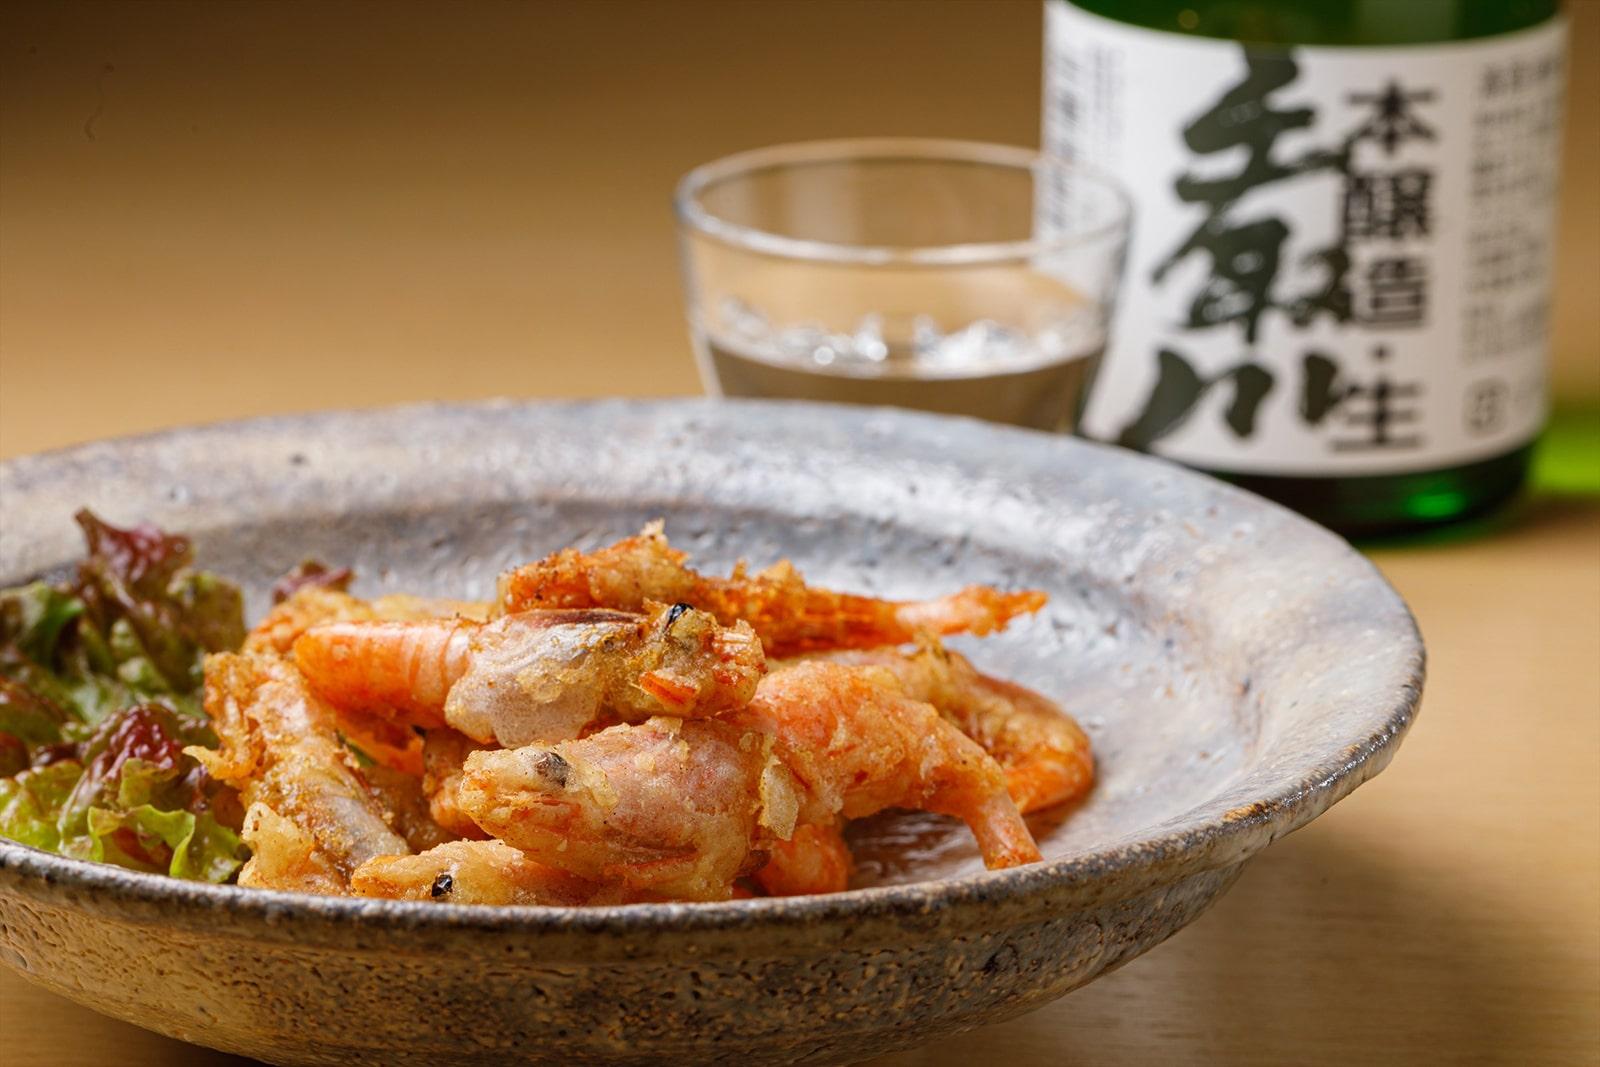 唐揚げ用あまえび調理例withお酒